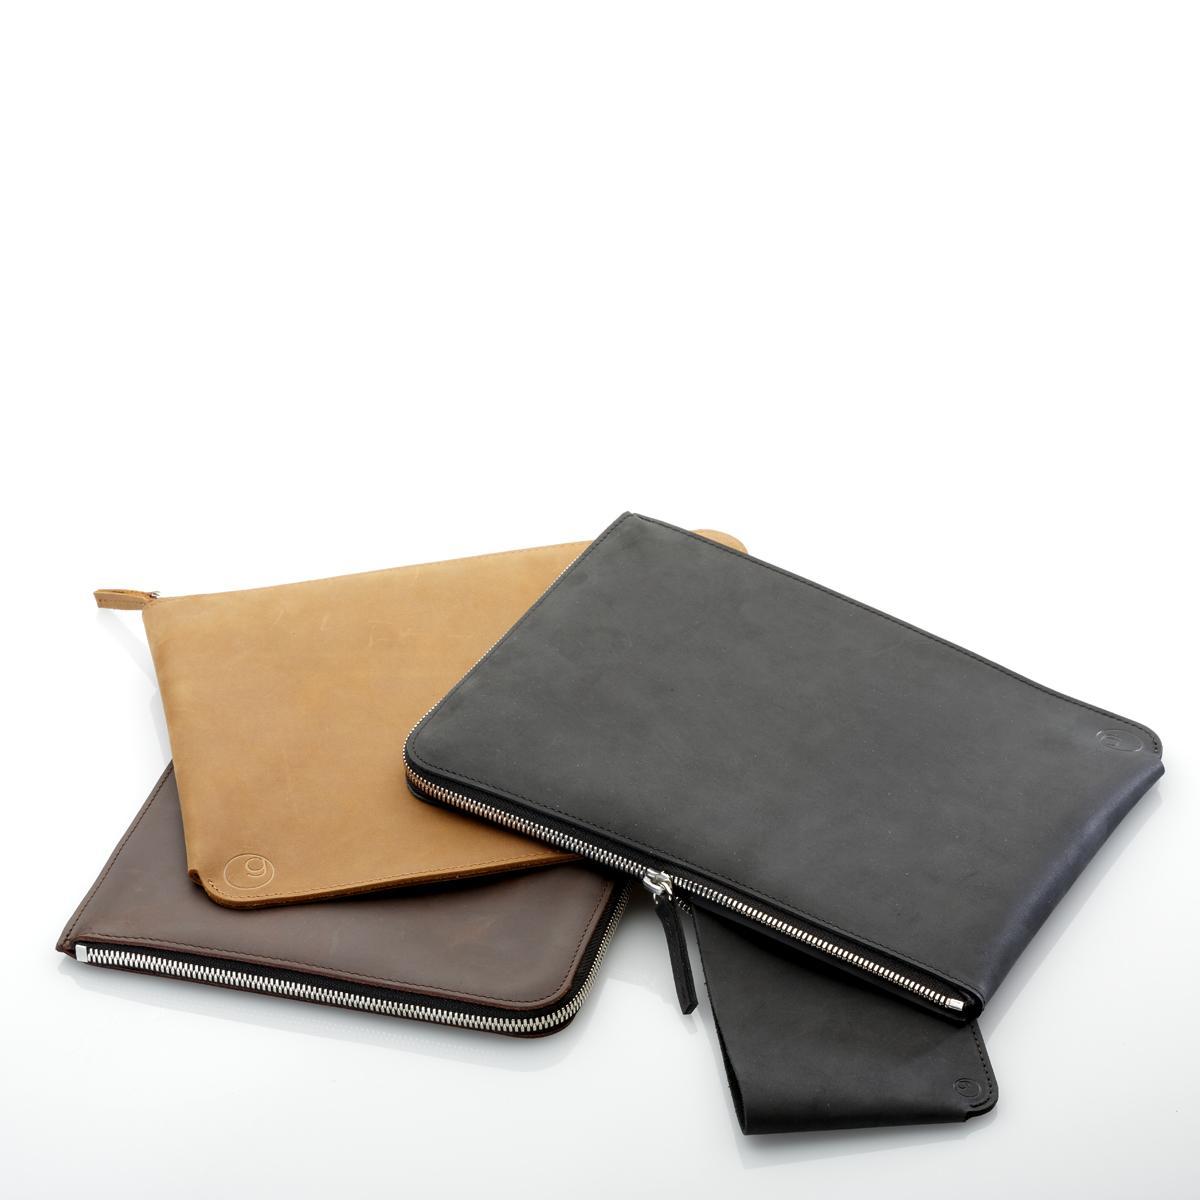 Leder MacBook Tasche mit Reißverschluss